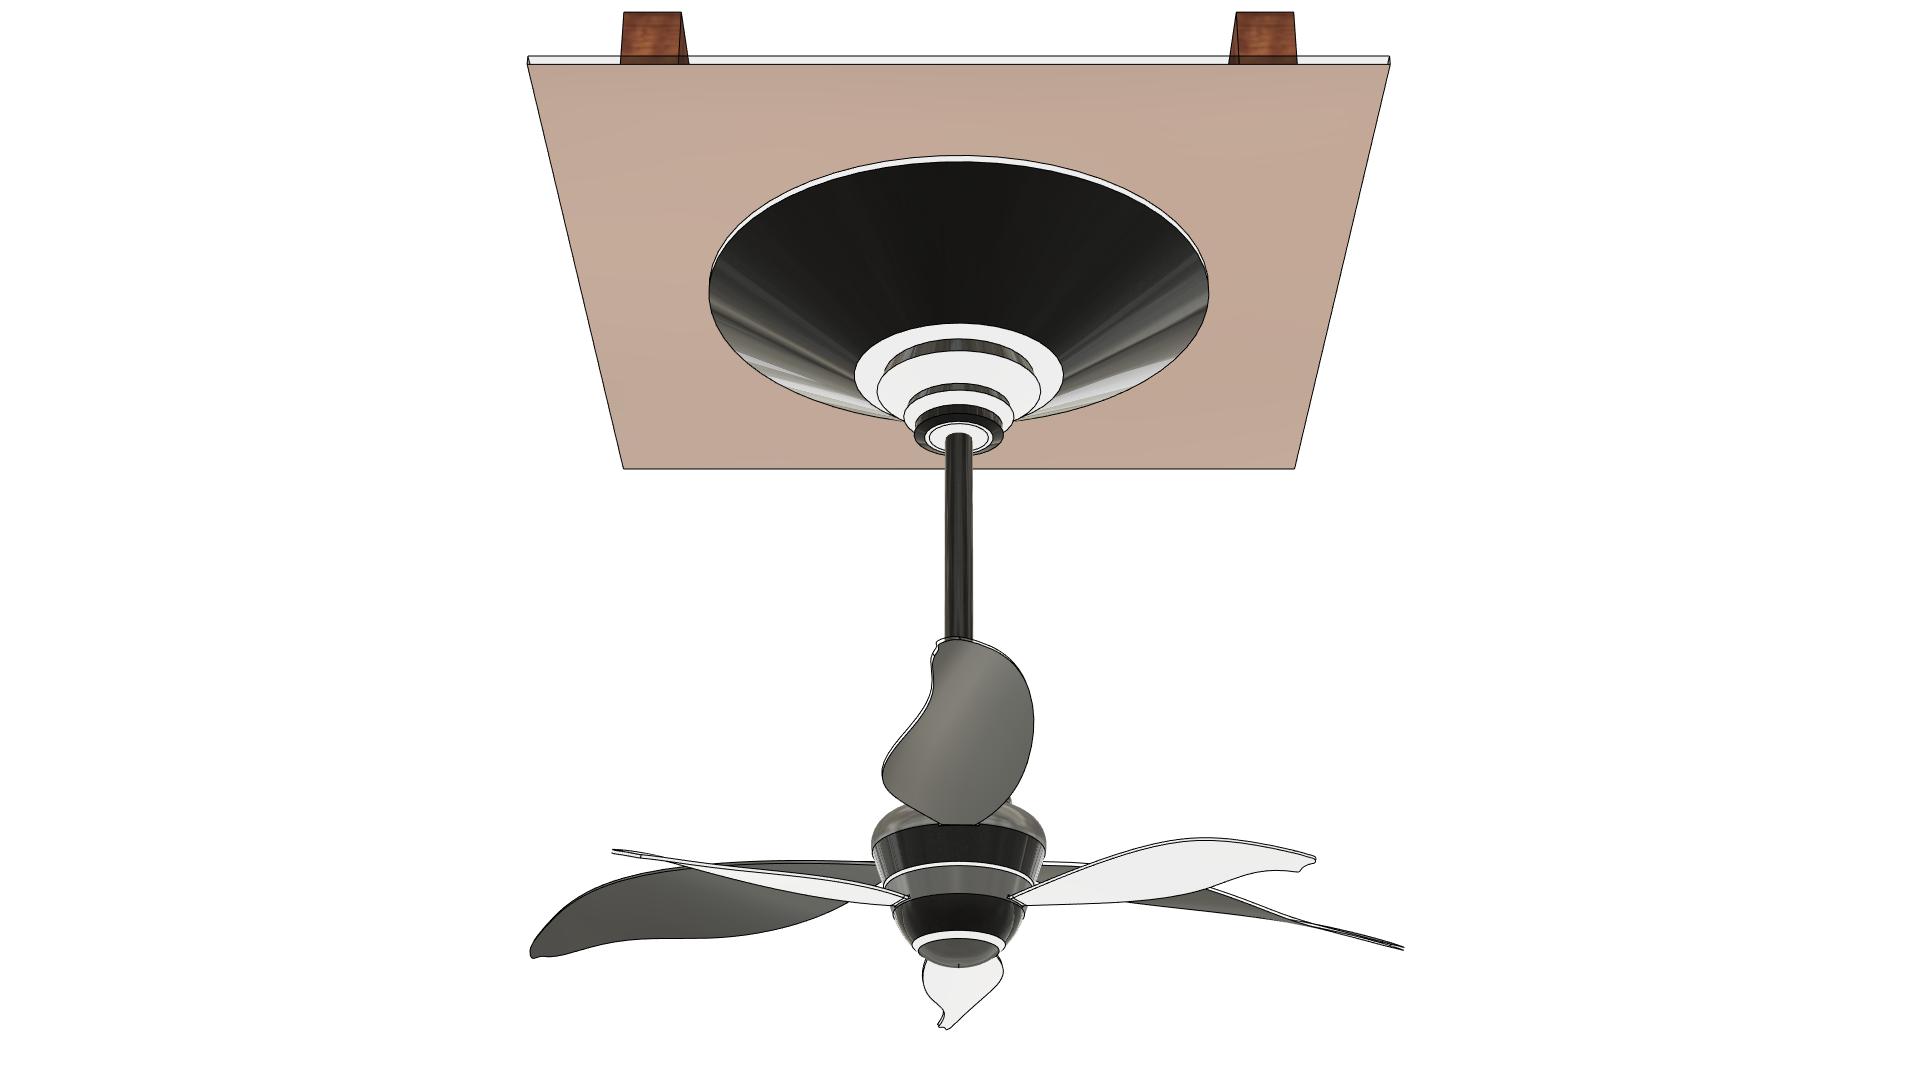 Ceiling Fan Client